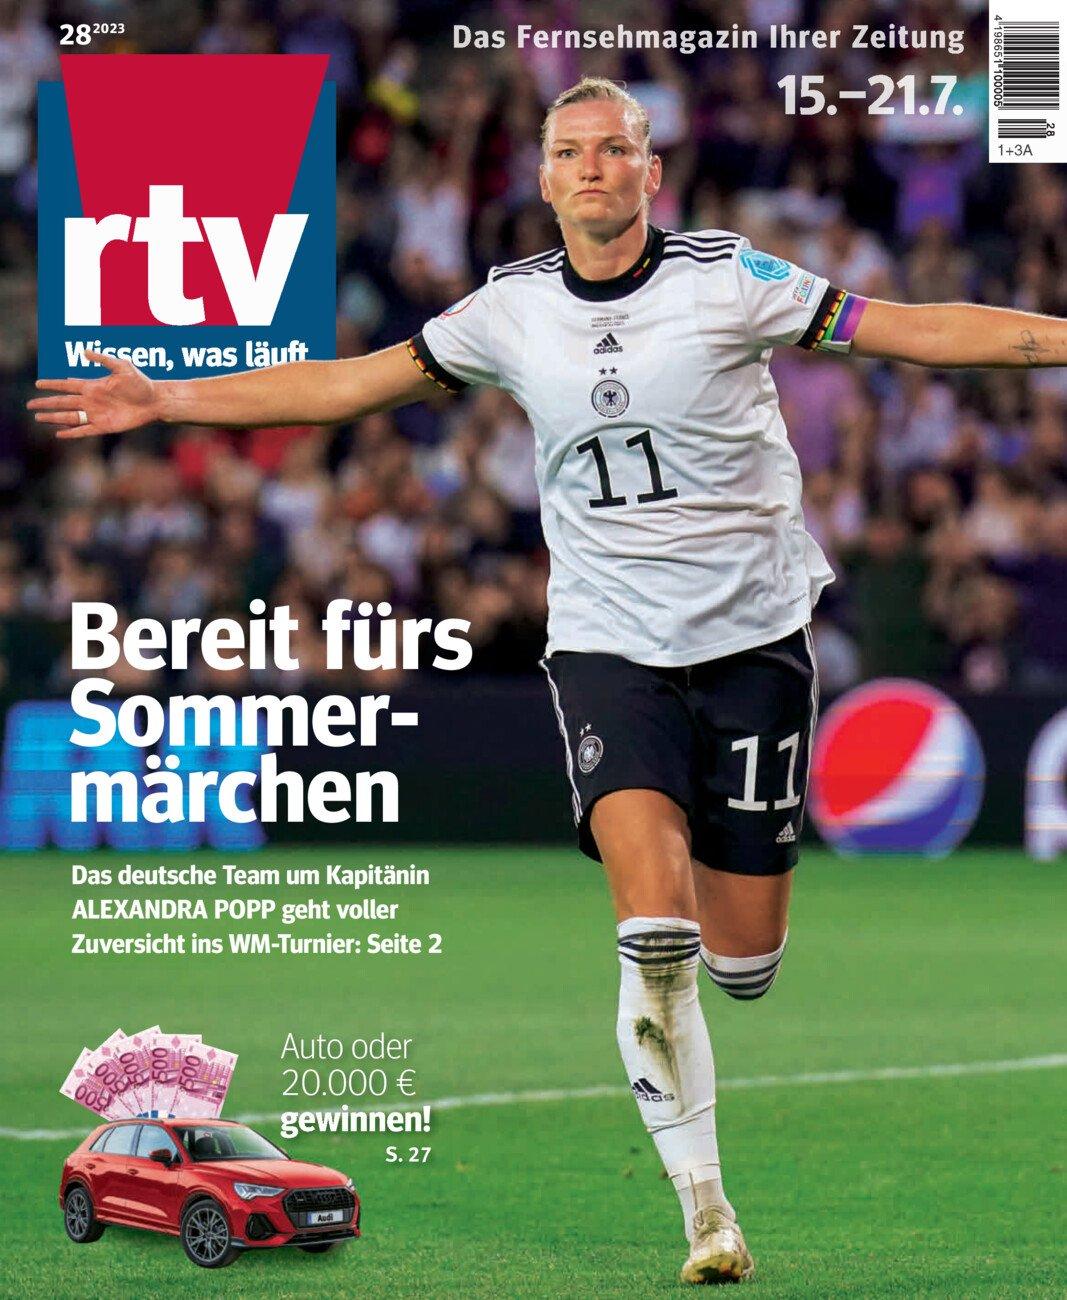 RTV 13.07. - 19.07. vom Dienstag, 09.07.2019